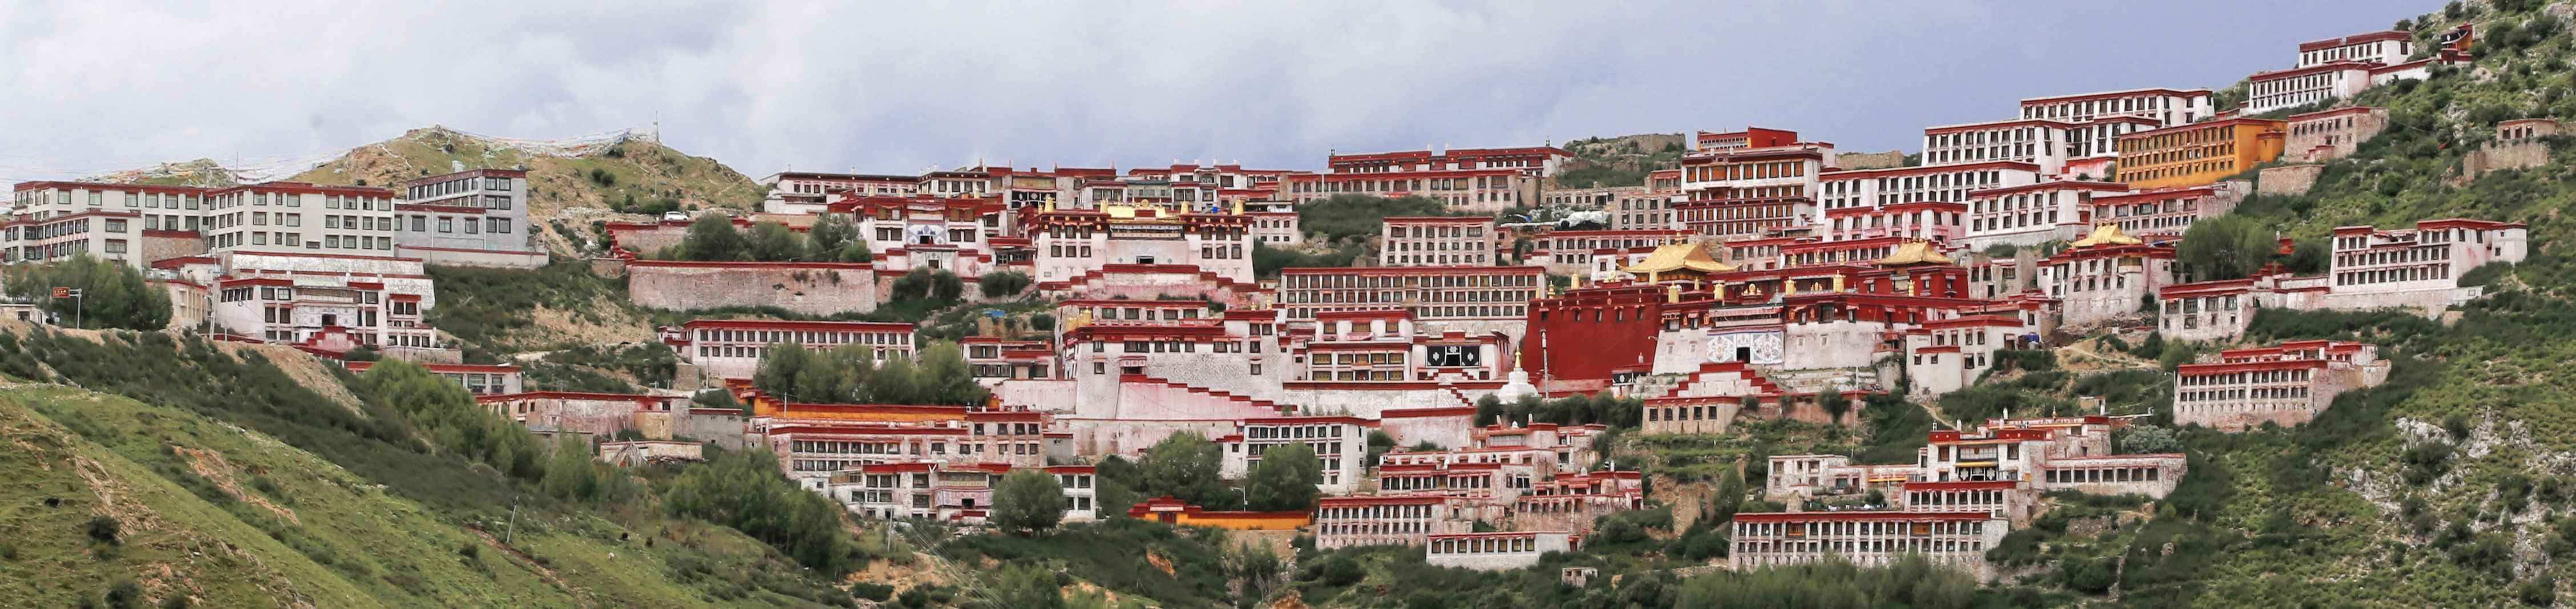 Panoramic view of Gangen Monastery in Tibet